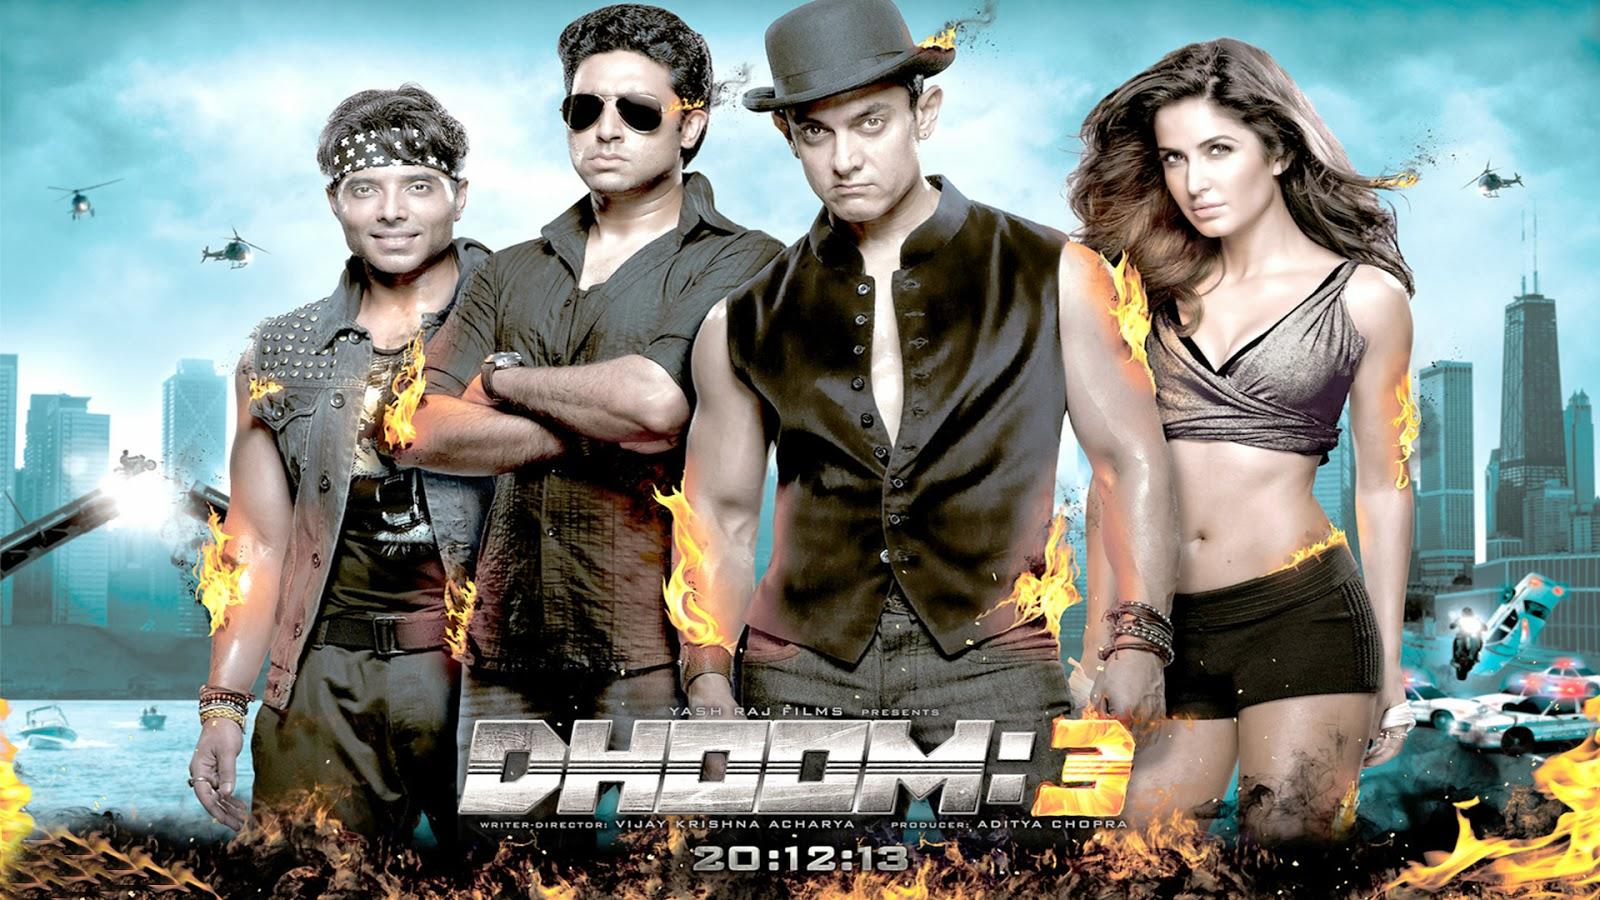 Mitwa marathi movie download 720p